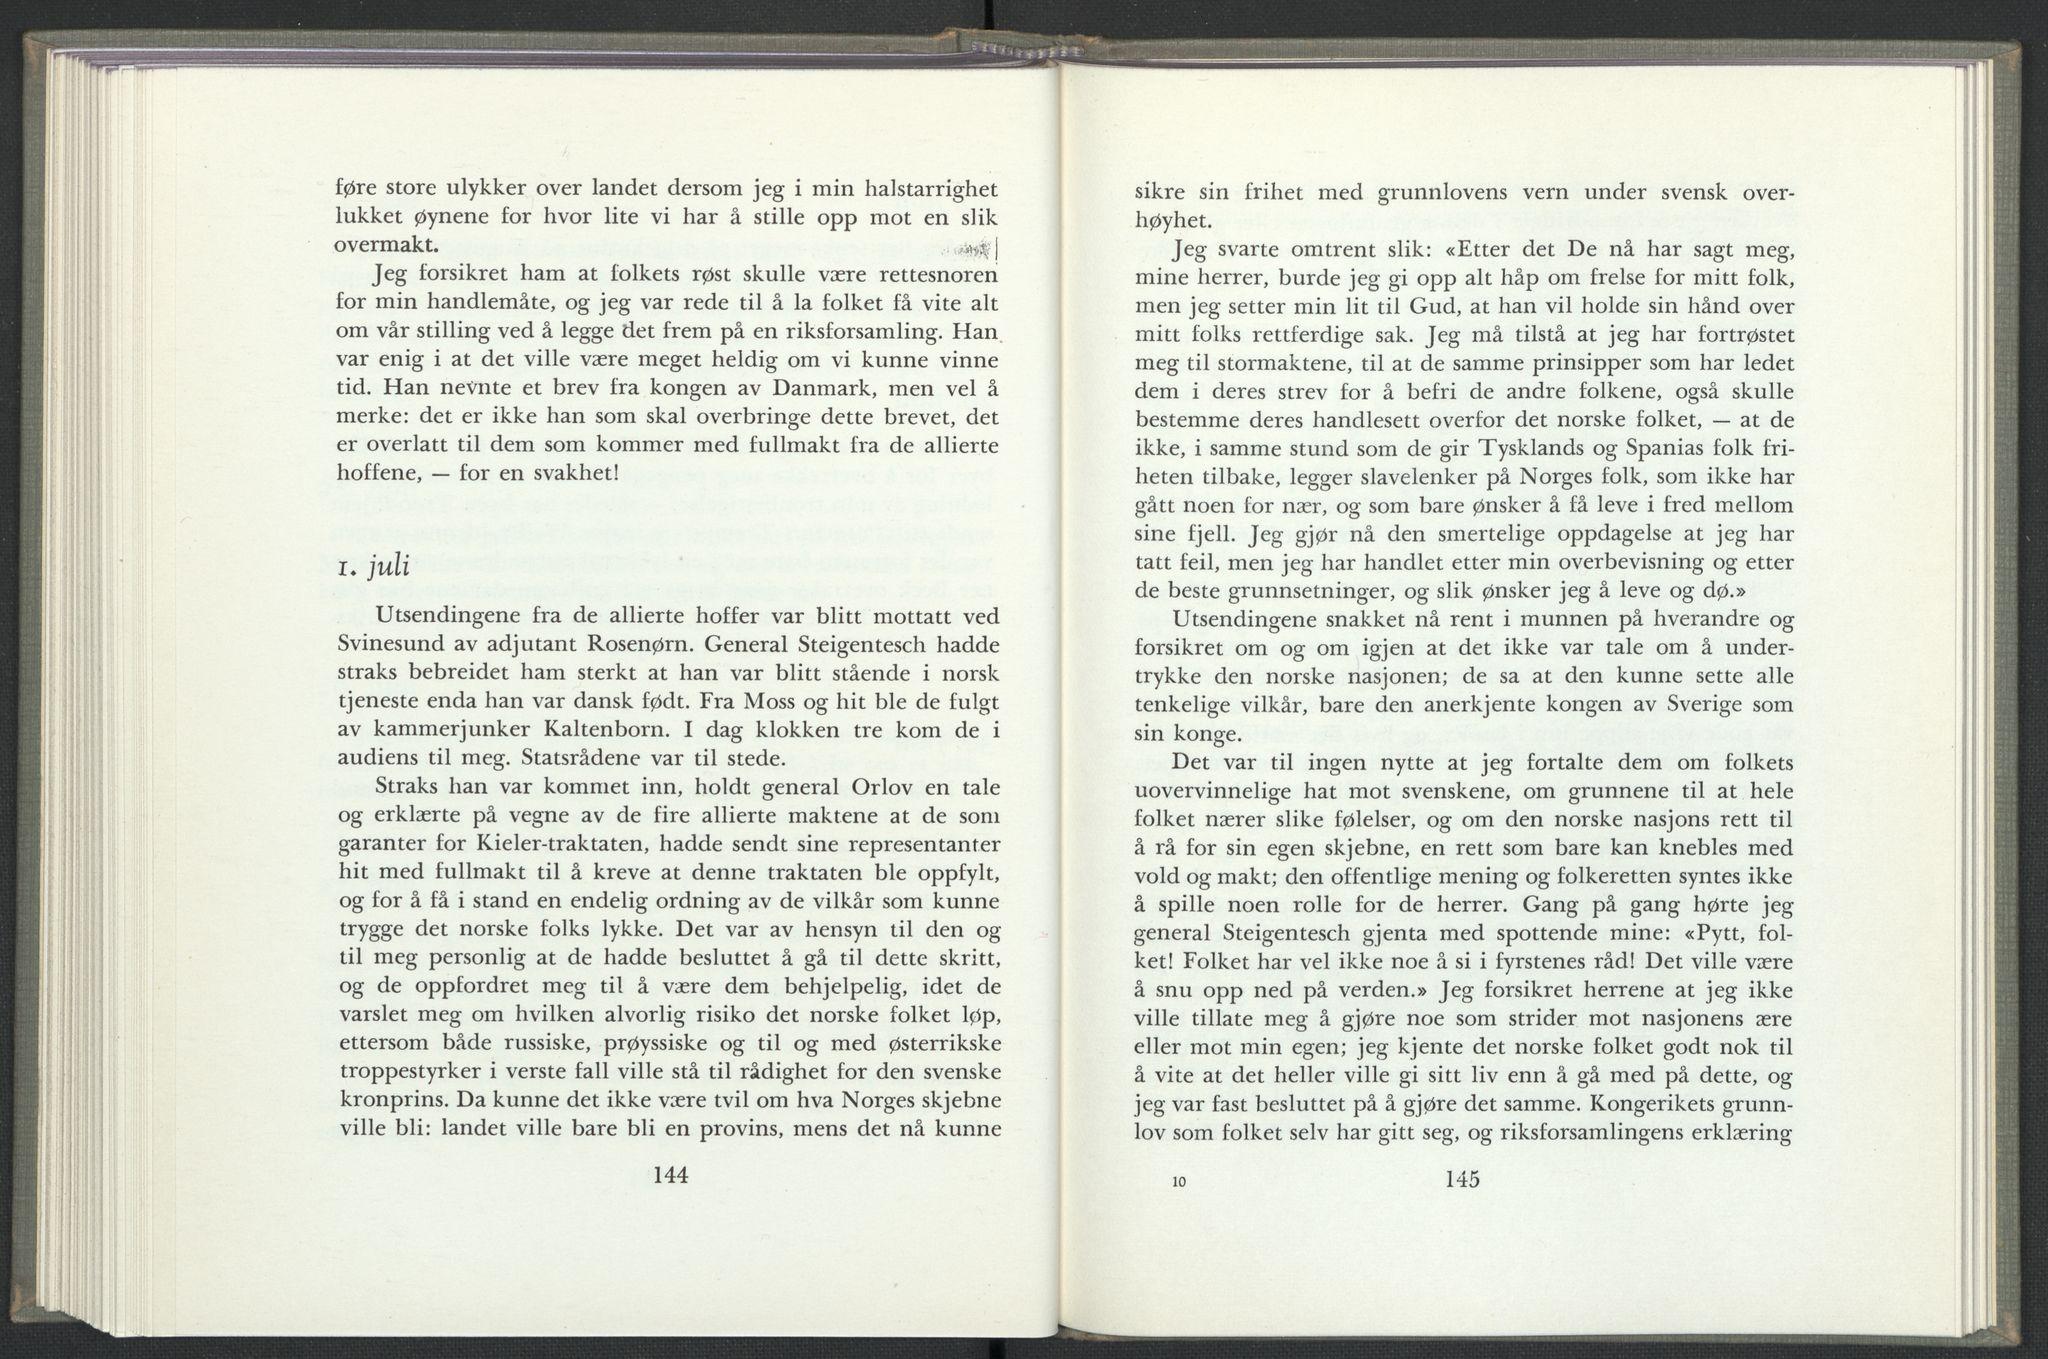 Publikasjoner*, 1954, s. 144-145